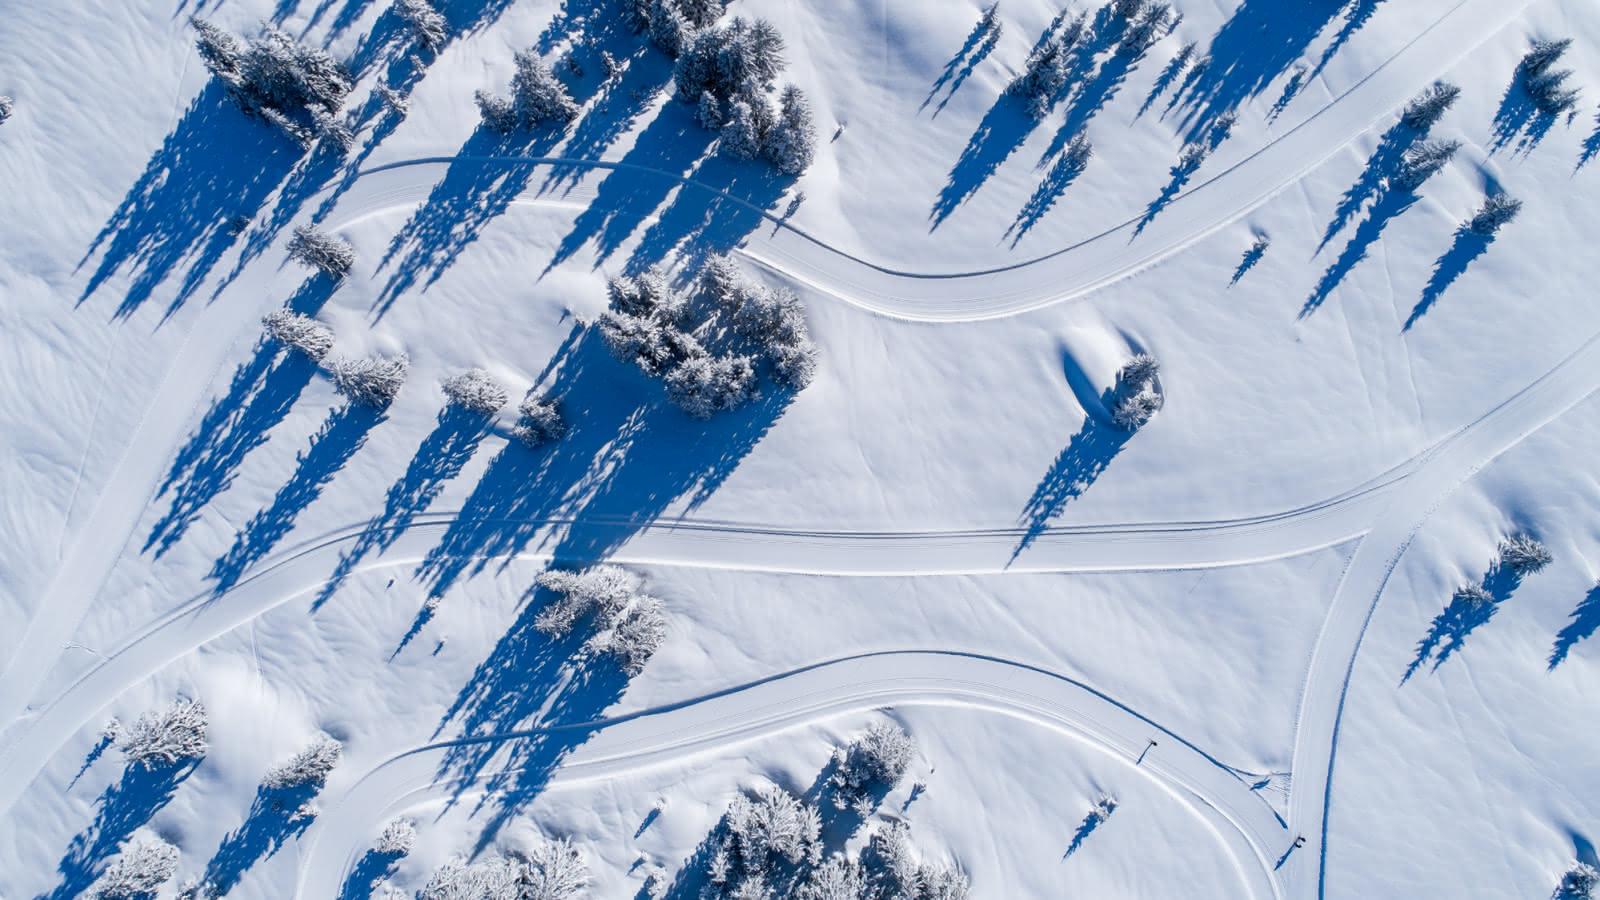 Les pistes s'entrelacent entre plateau dégagés et forêts